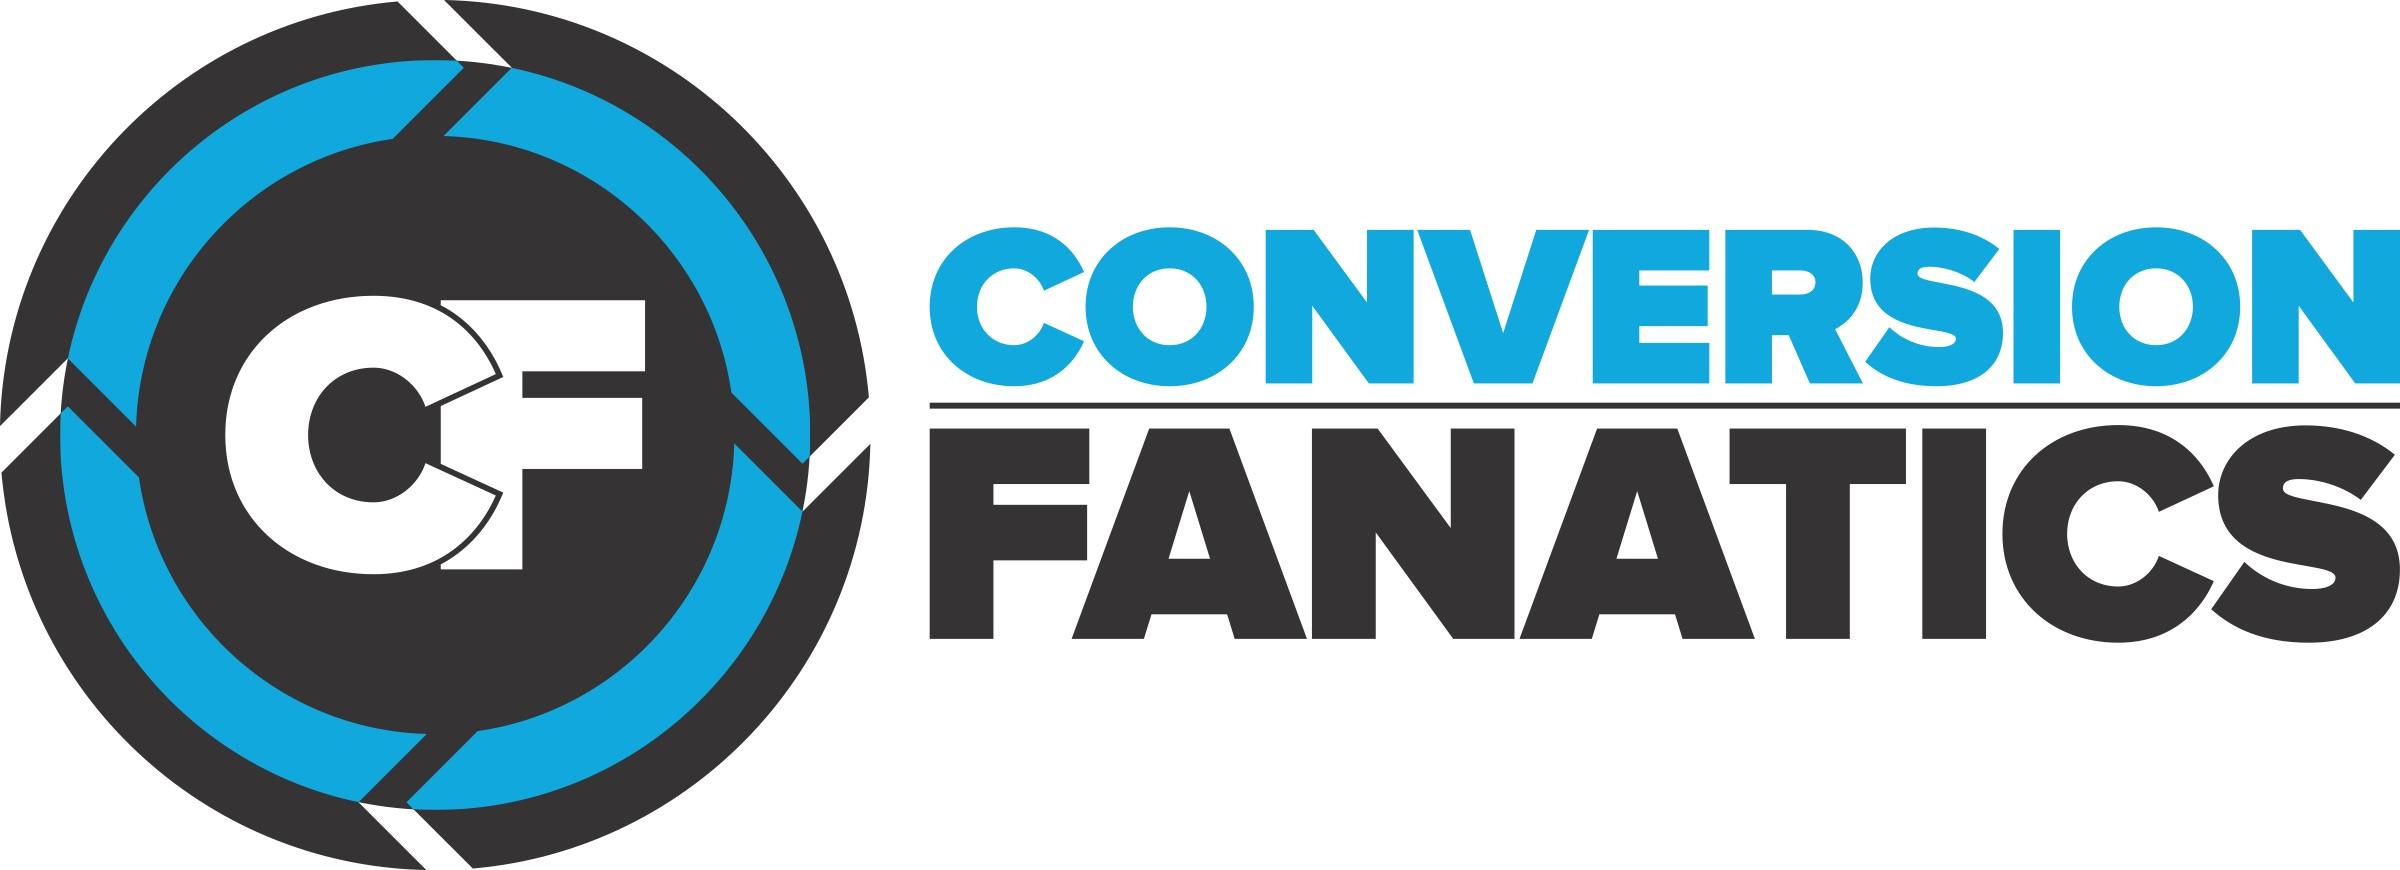 CF_Logo_2400.jpg